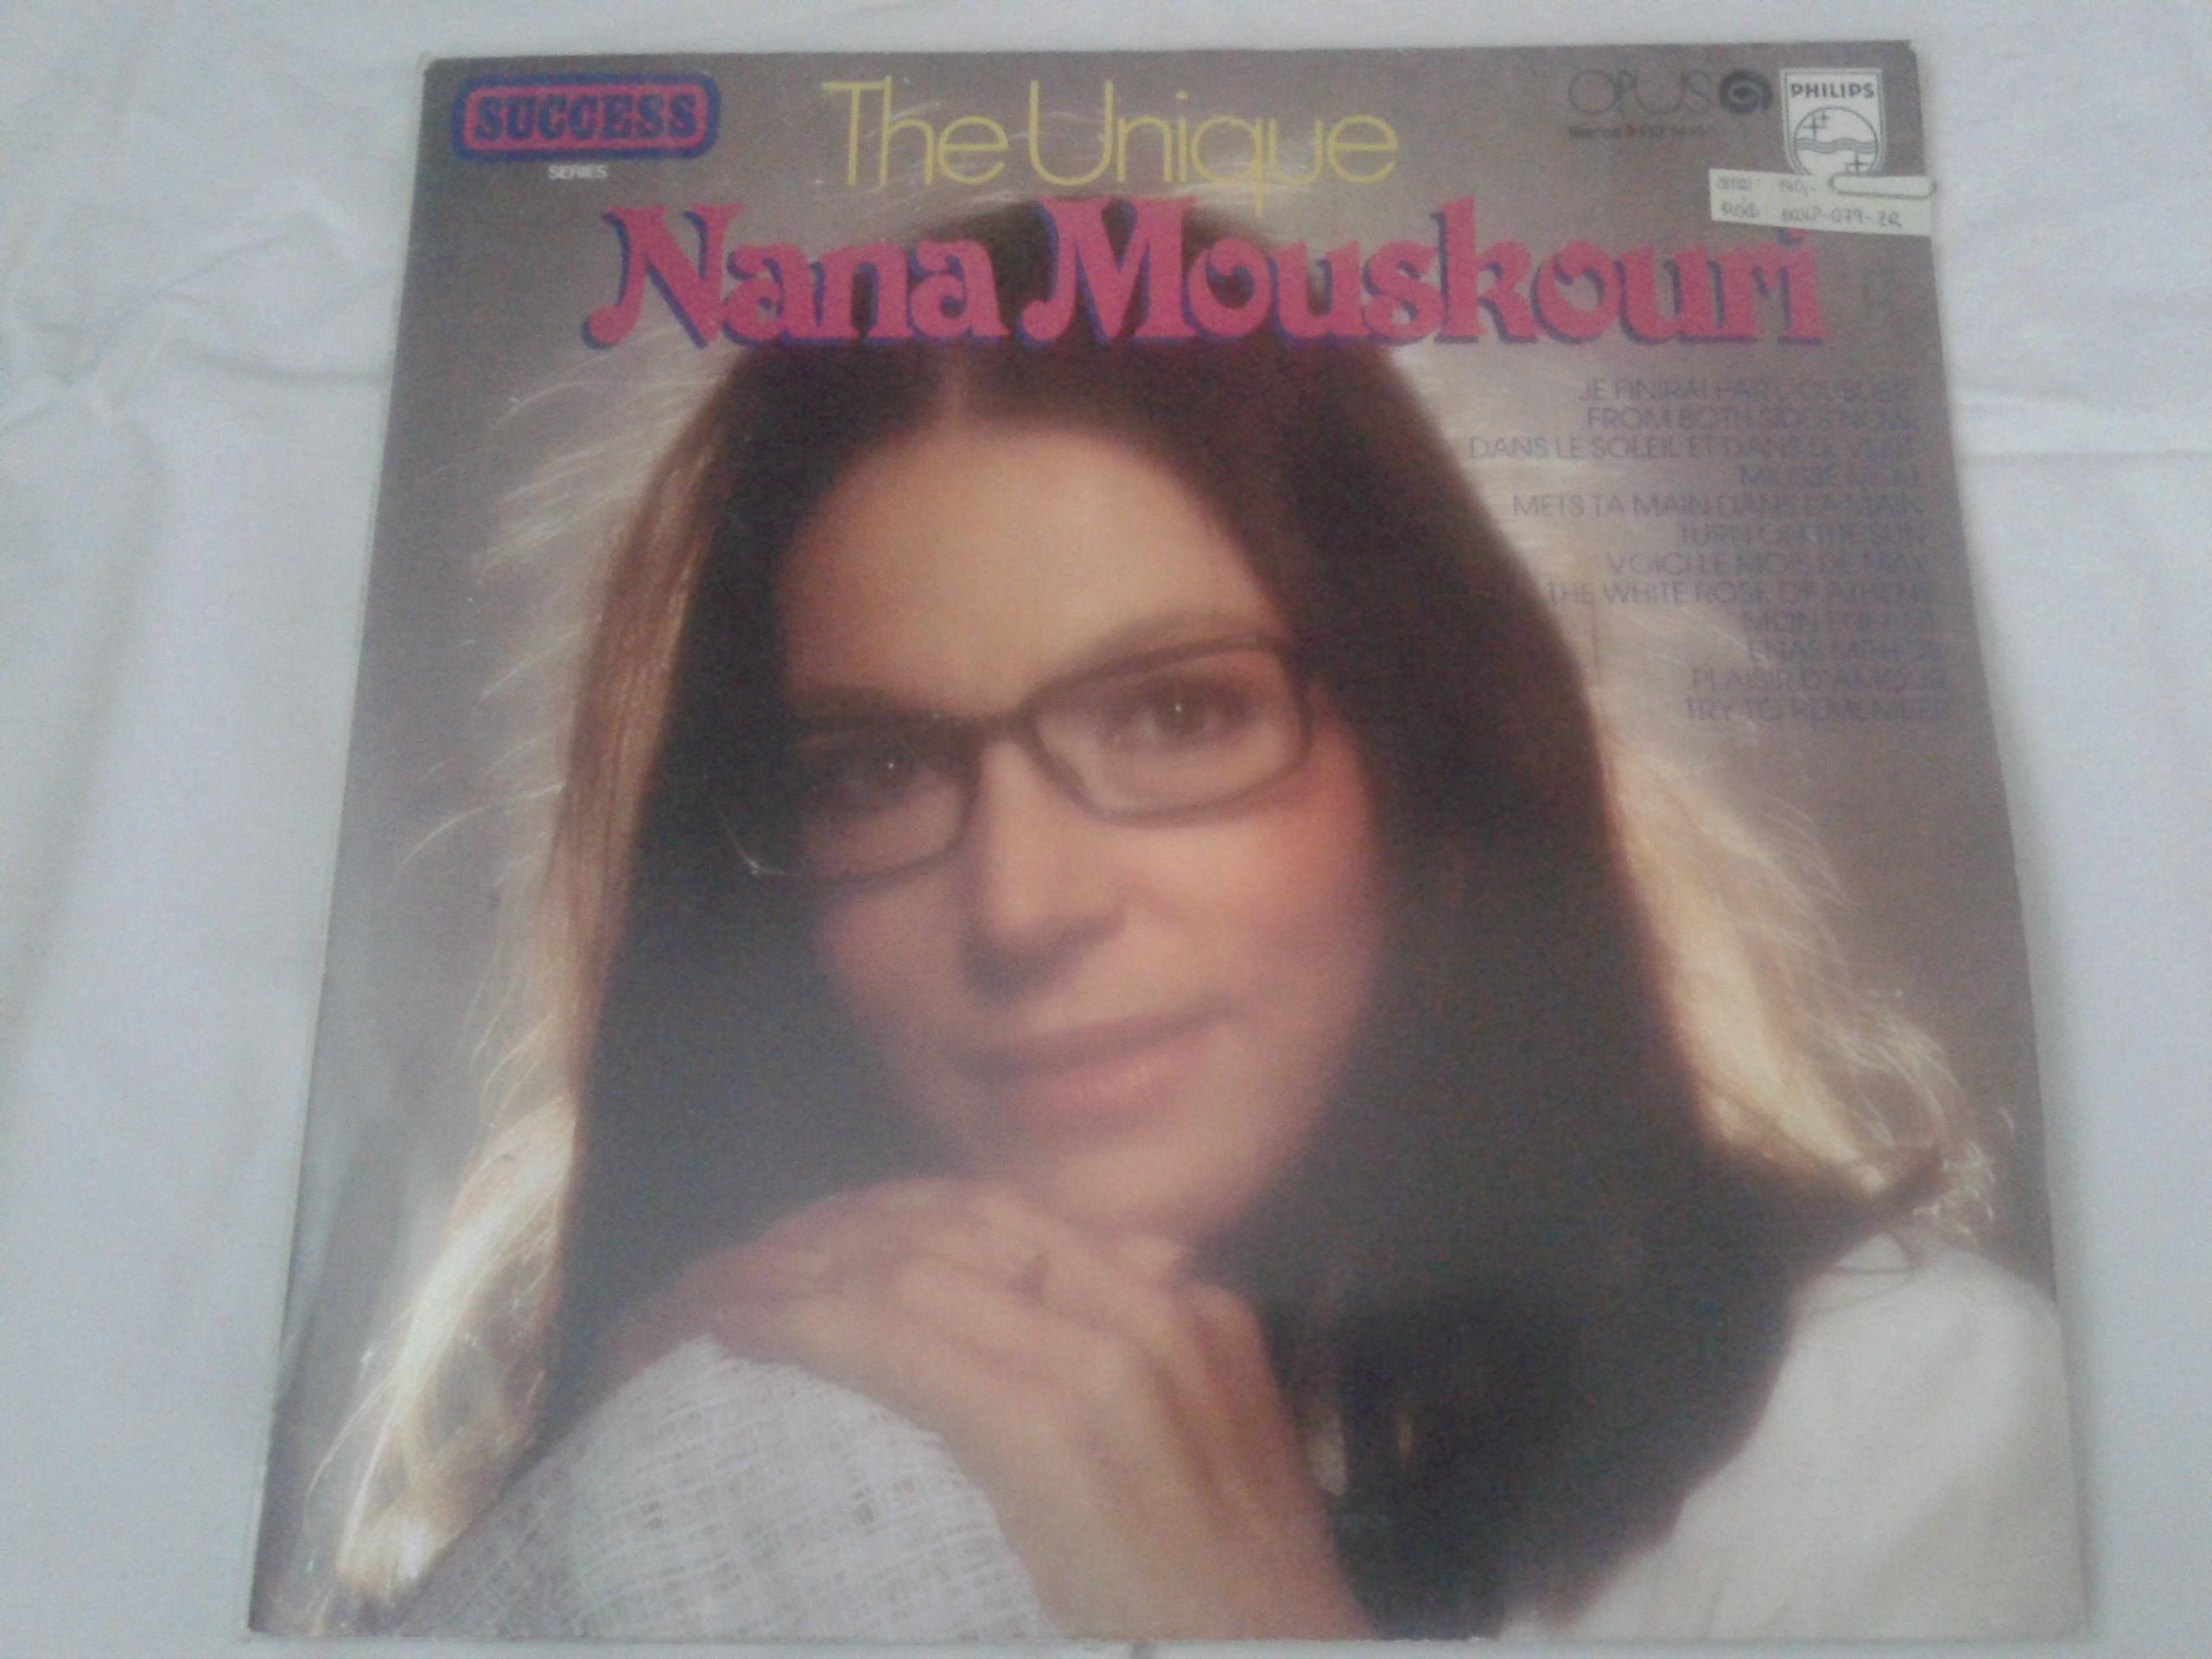 The Unique - Nana Mouskouri (gramodeska)